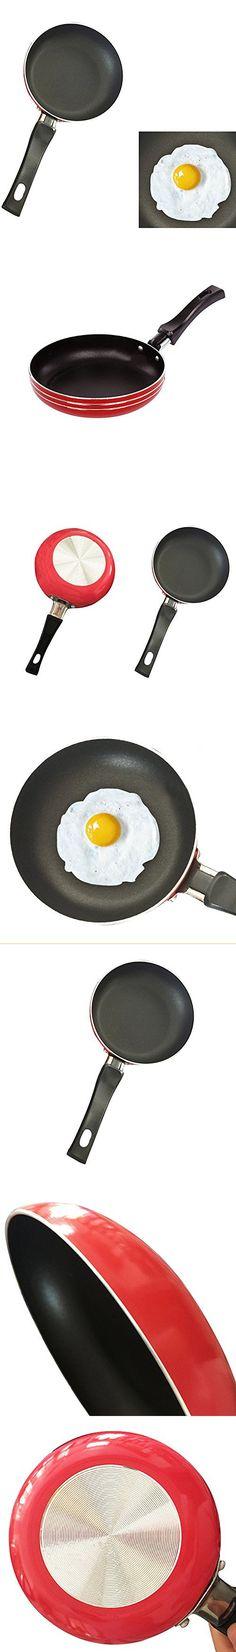 Pevor Egg Pancake Mini Non Stick Fry Frying Pan Omelet Pans